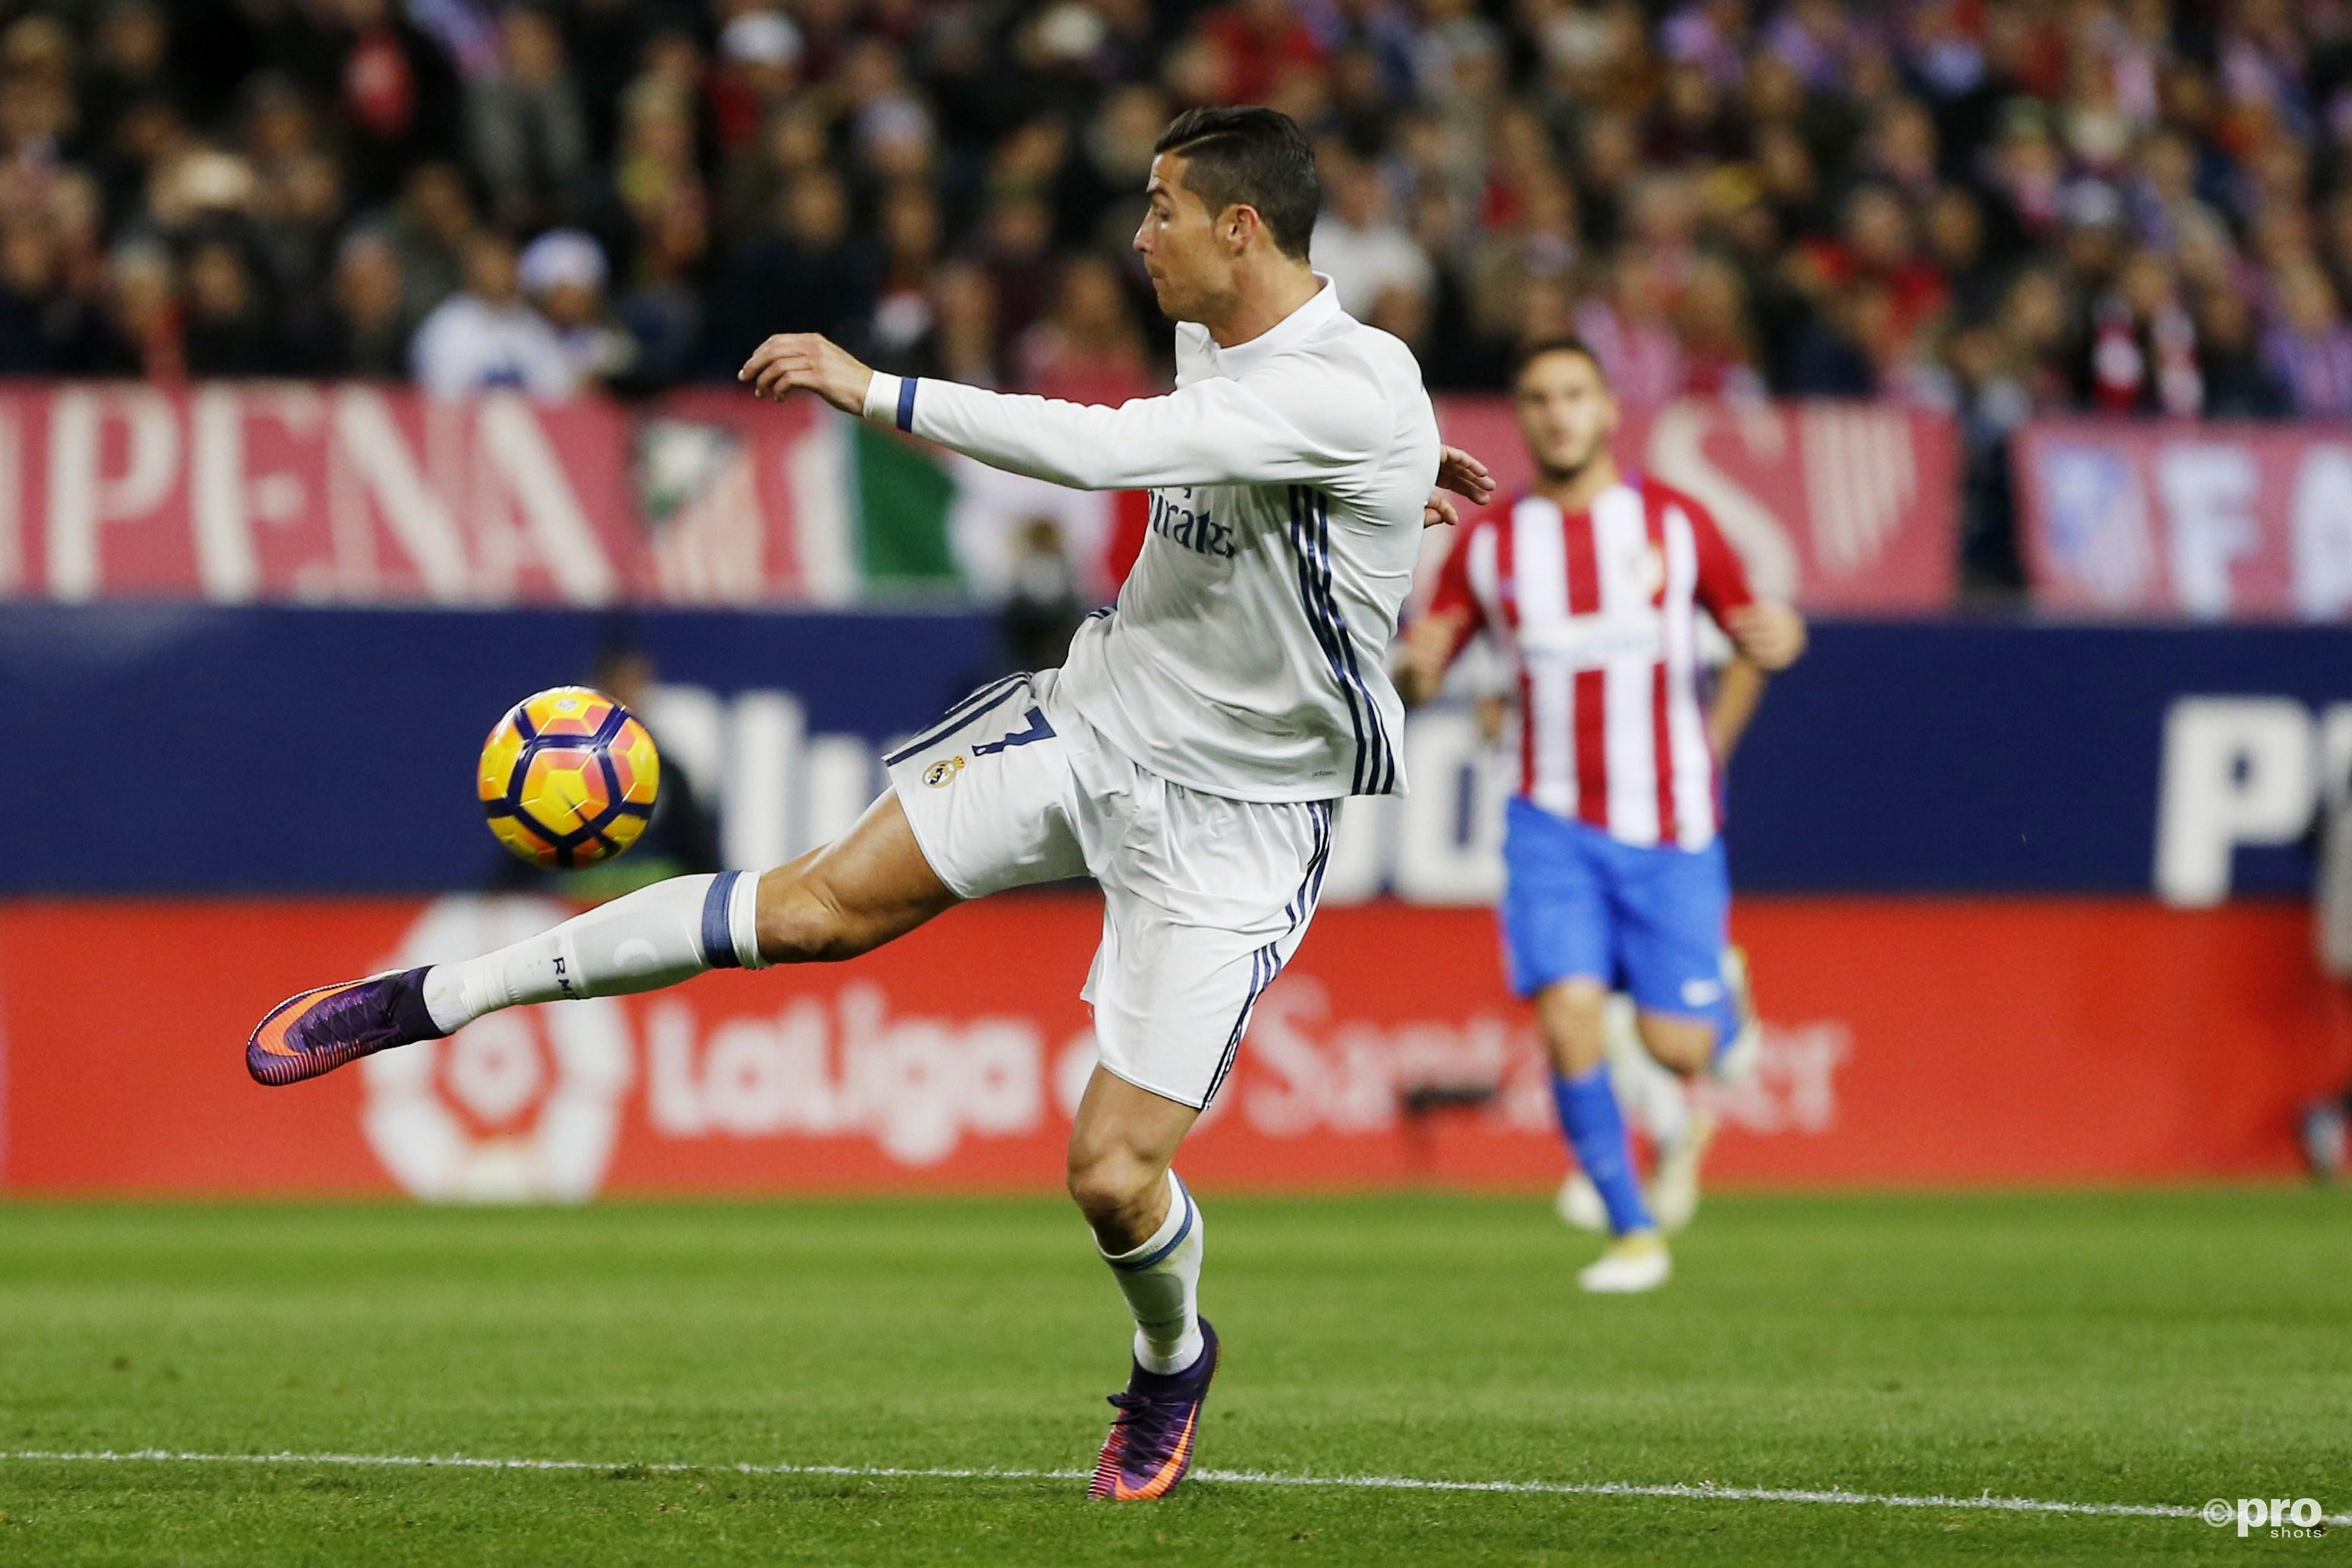 Ronaldo goed voor drie doelpunten. (PRO SHOTS/Marca)